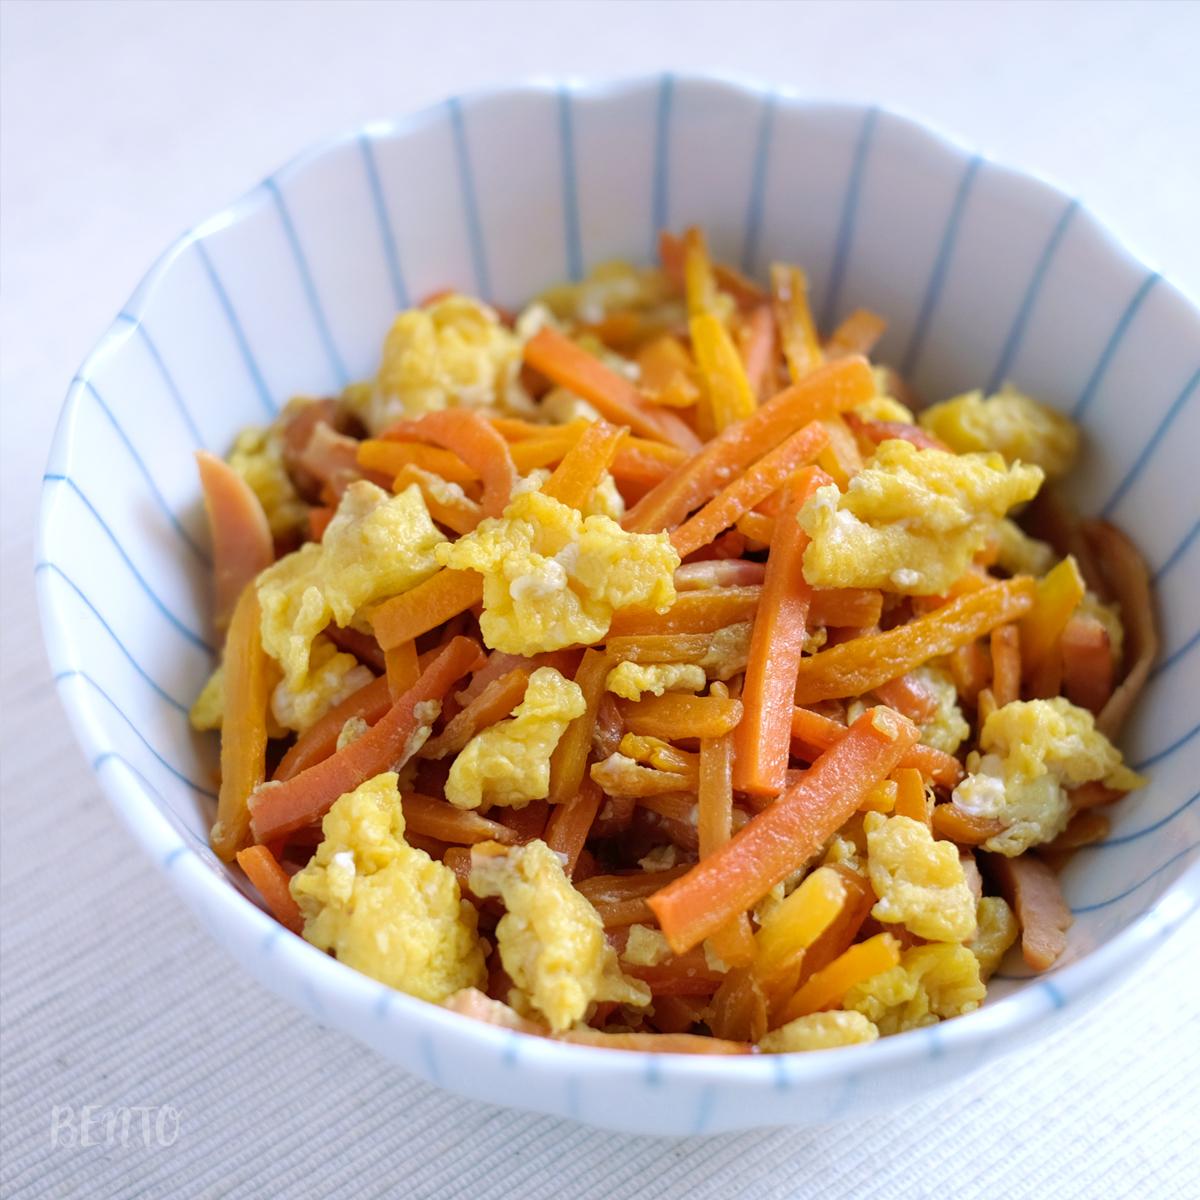 手軽に沖縄料理。『ニンジンしりしり』は人参と卵で作れる定番常備菜・作り置きレシピ。